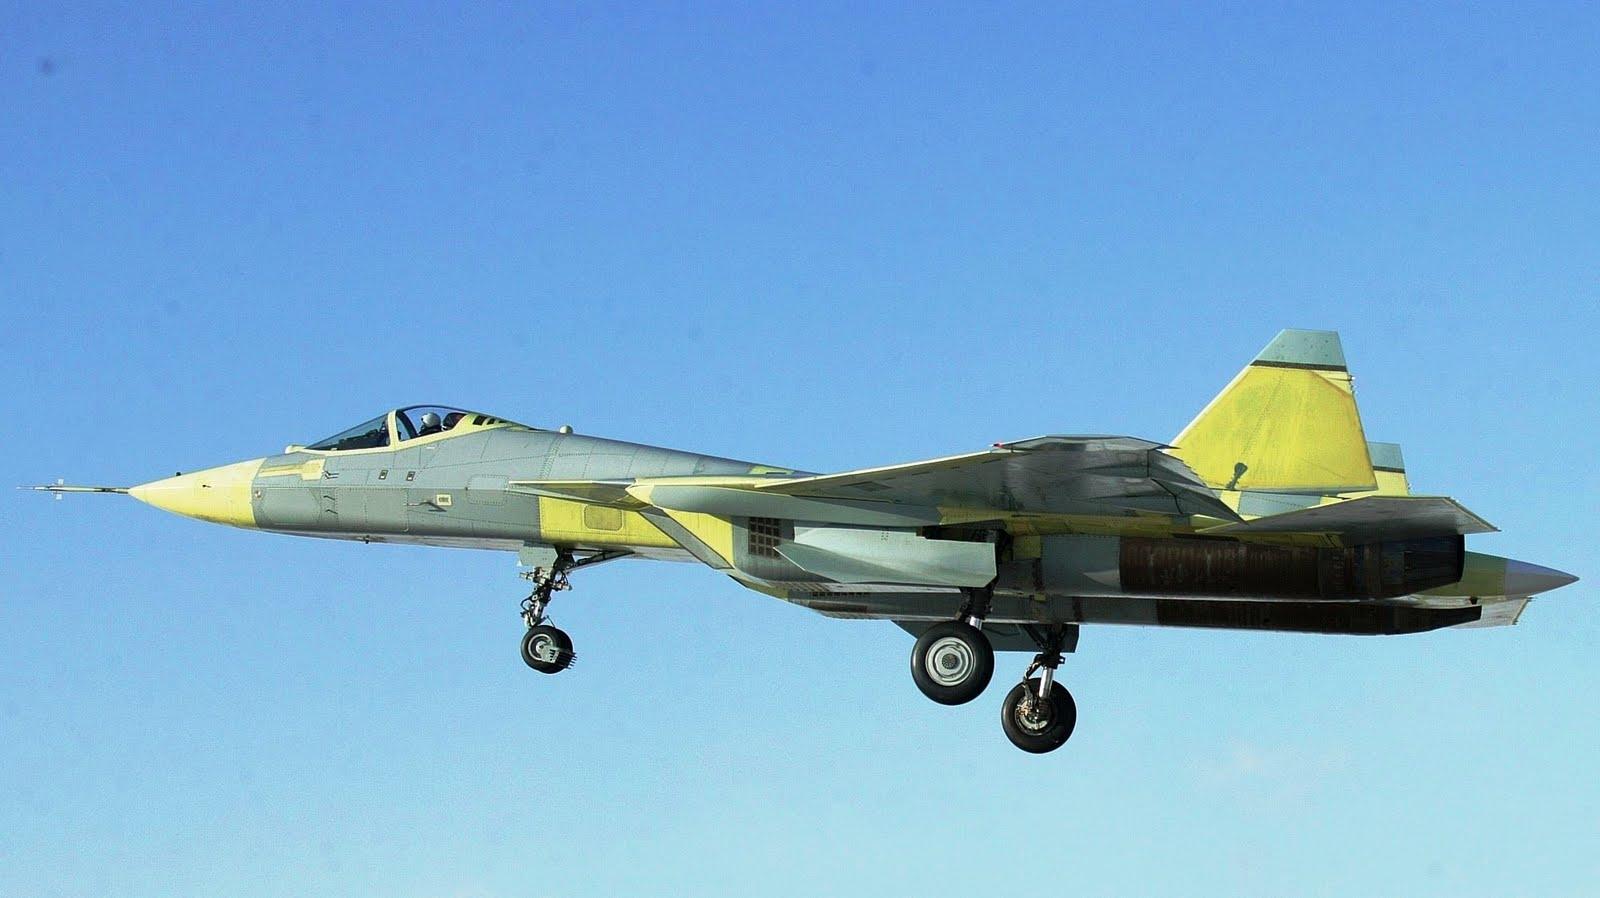 http://1.bp.blogspot.com/-ALpqkZATM5w/Titfo9DrHRI/AAAAAAAAGBE/gjT_-0yvSXk/s1600/sukhoi_pak_fa_t_50_421421_aircraft-wallpaper.jpg